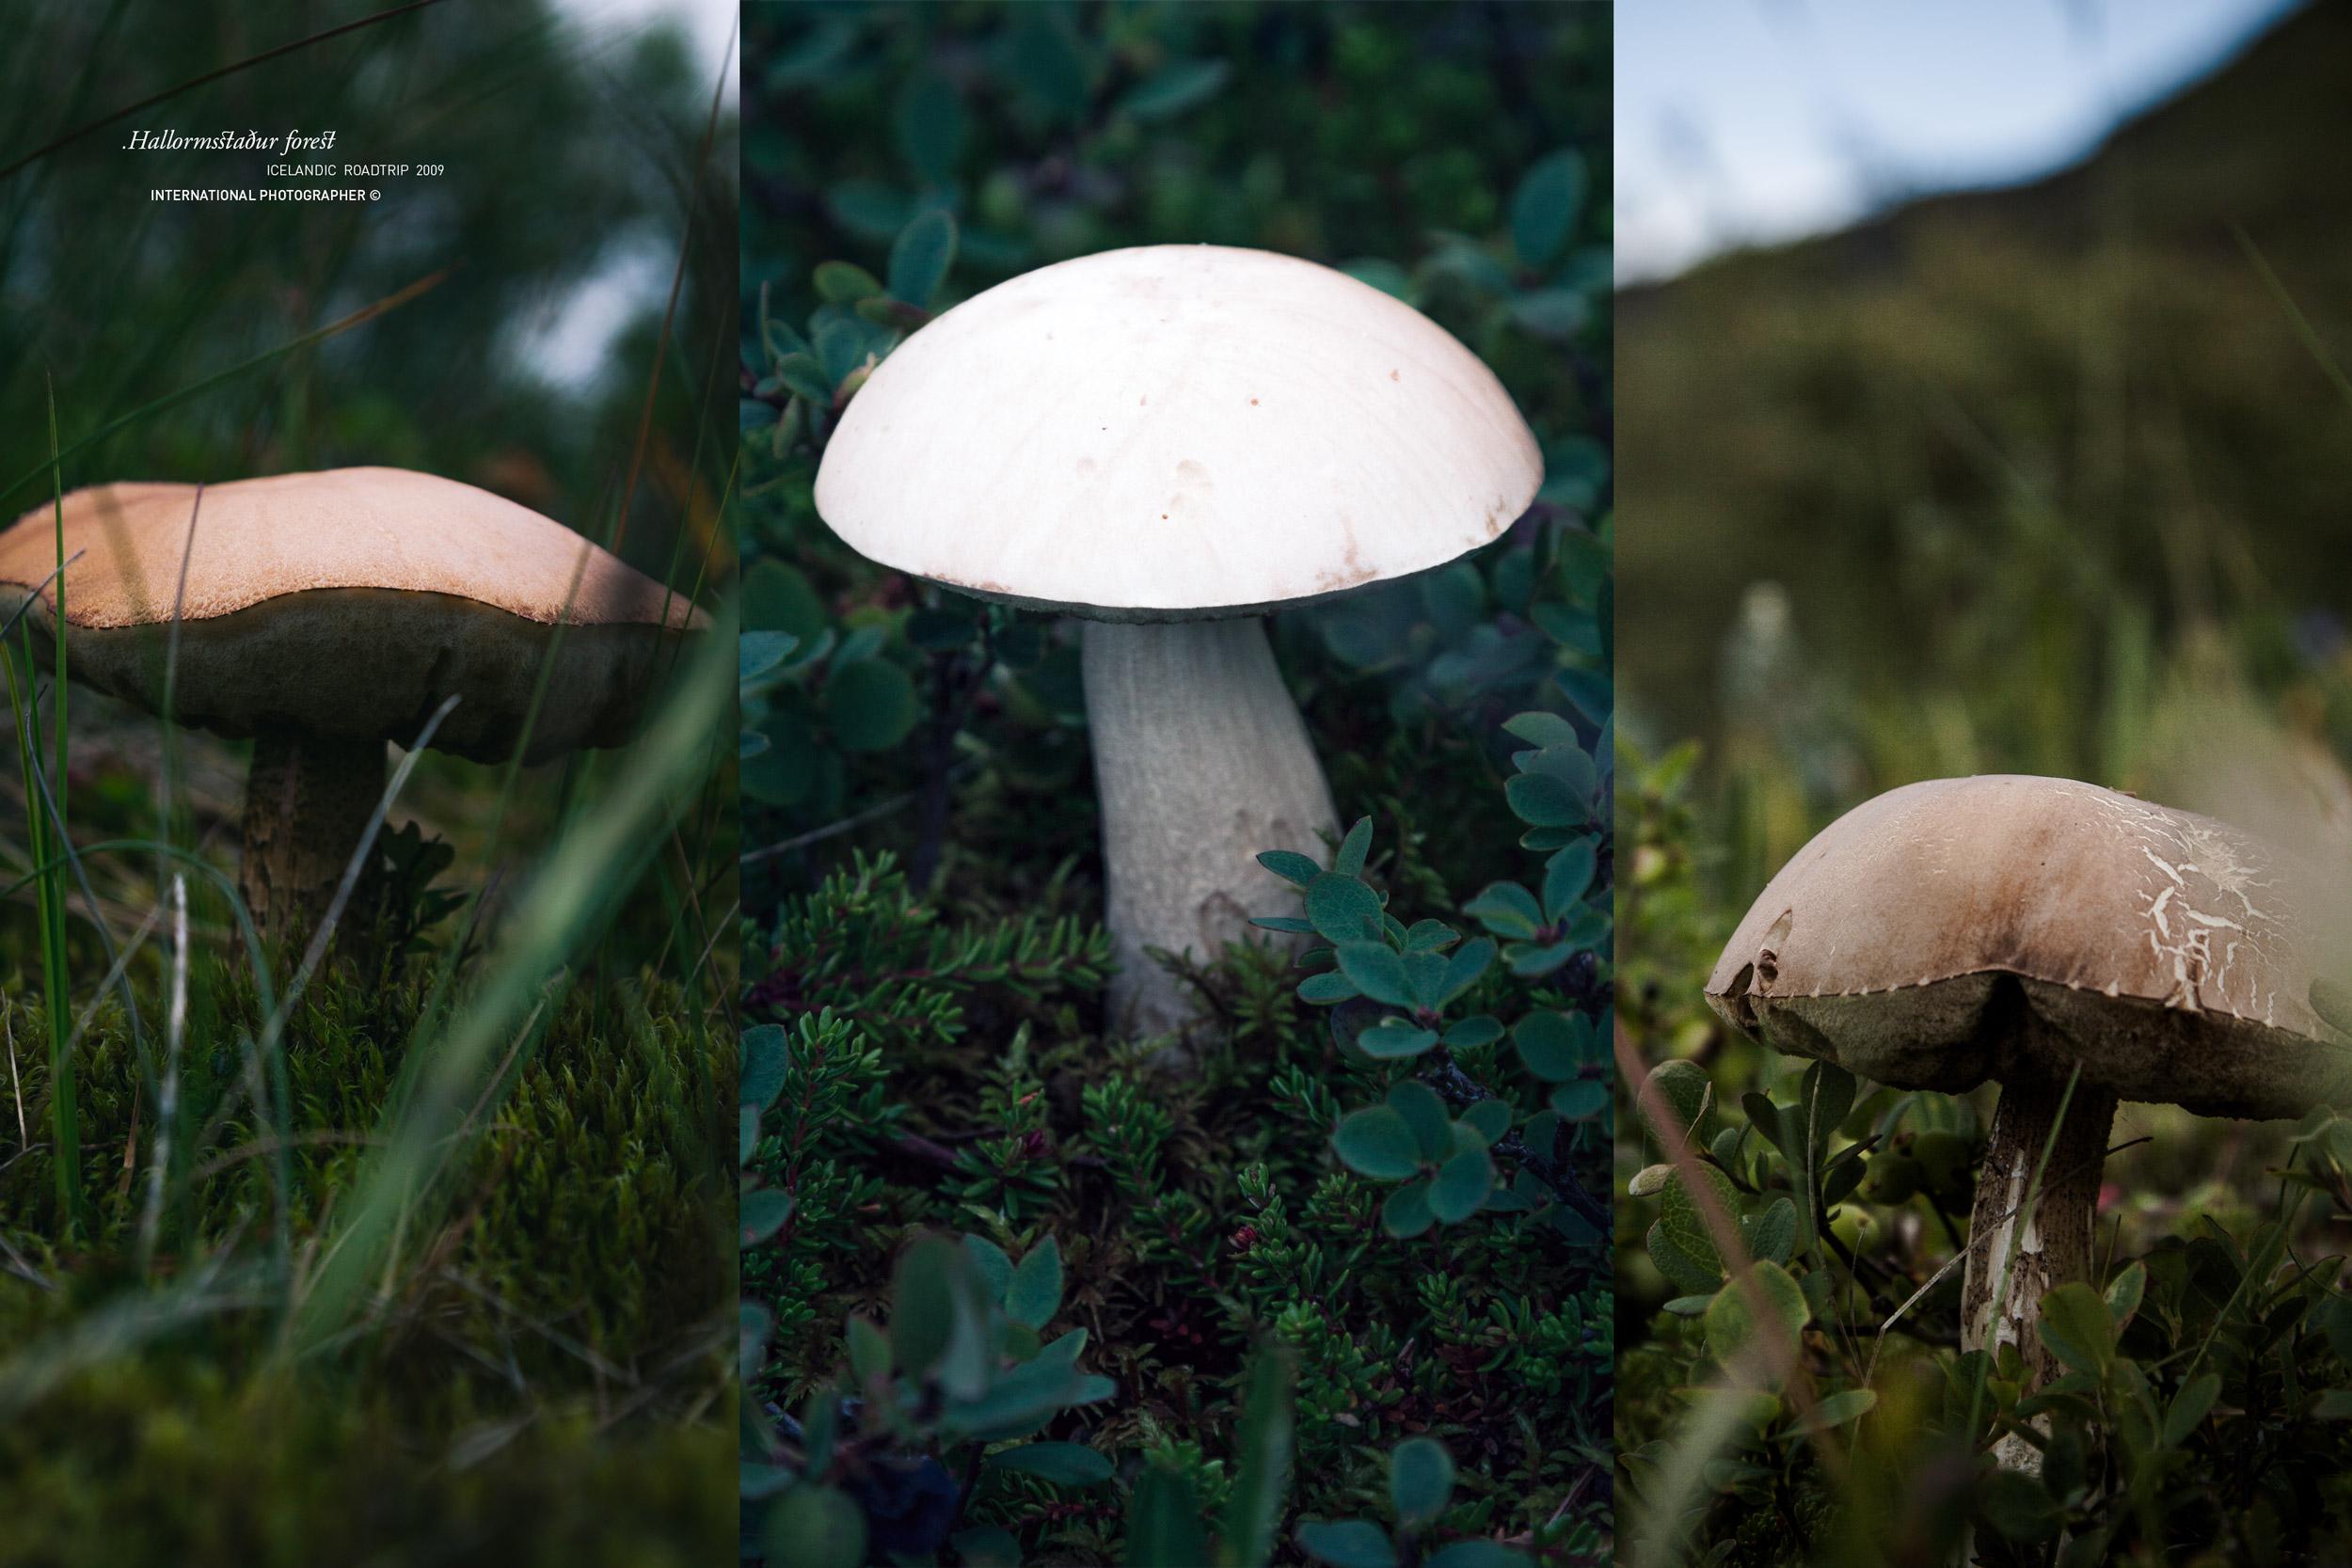 Champignons dans la forêt d'Hallormsstadur